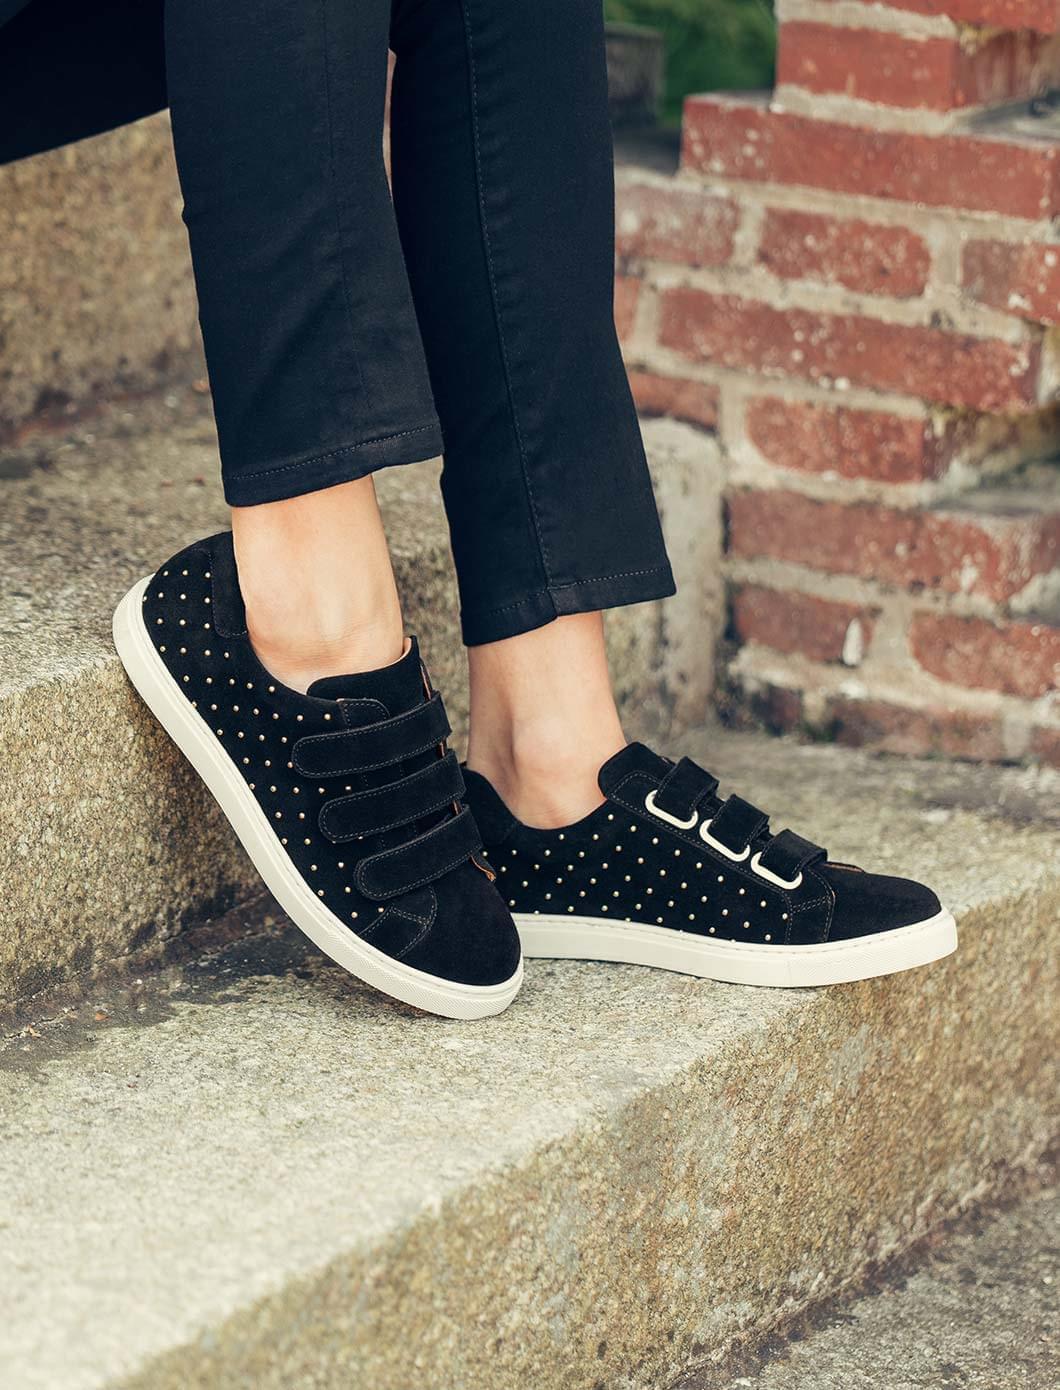 Sneakers - Noir et rivets dorés